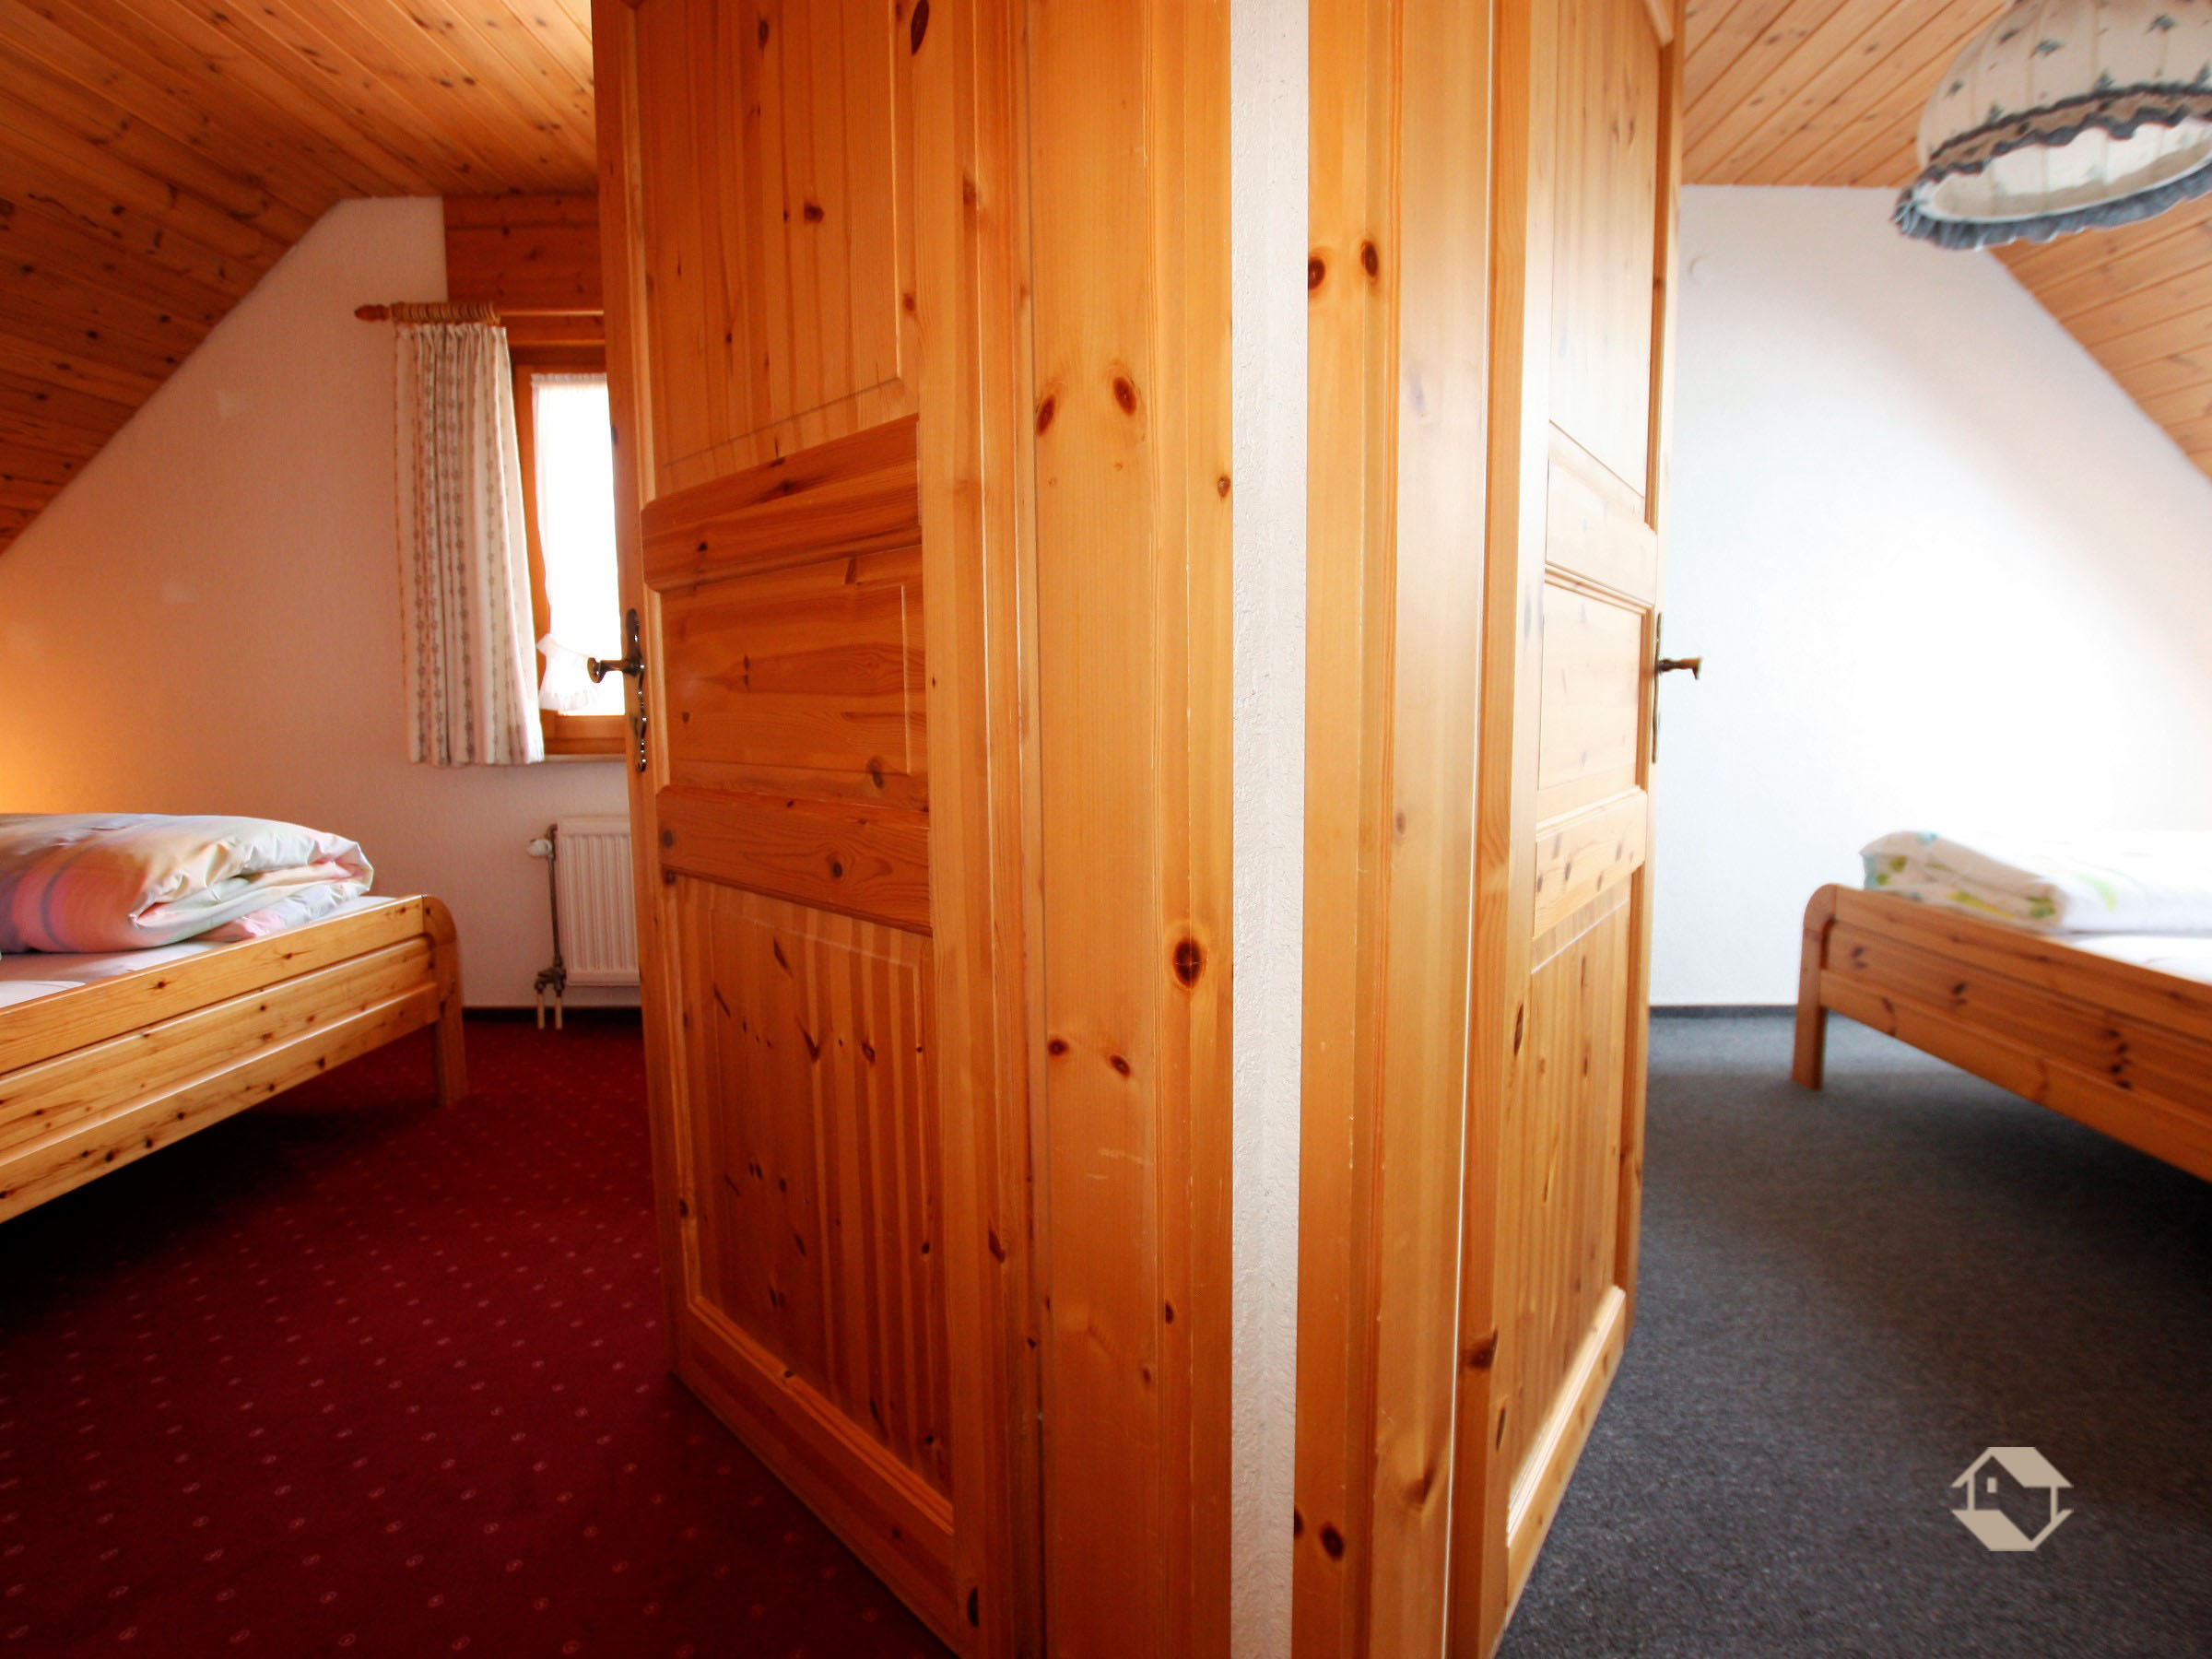 Ferienwohnung Haus Kandelblick, (Furtwangen). Ferienwohnung Feldbergblick, 70qm, 2 Schlafzimmer, 1 Wohn- (2717401), Furtwangen, Schwarzwald, Baden-Württemberg, Deutschland, Bild 24